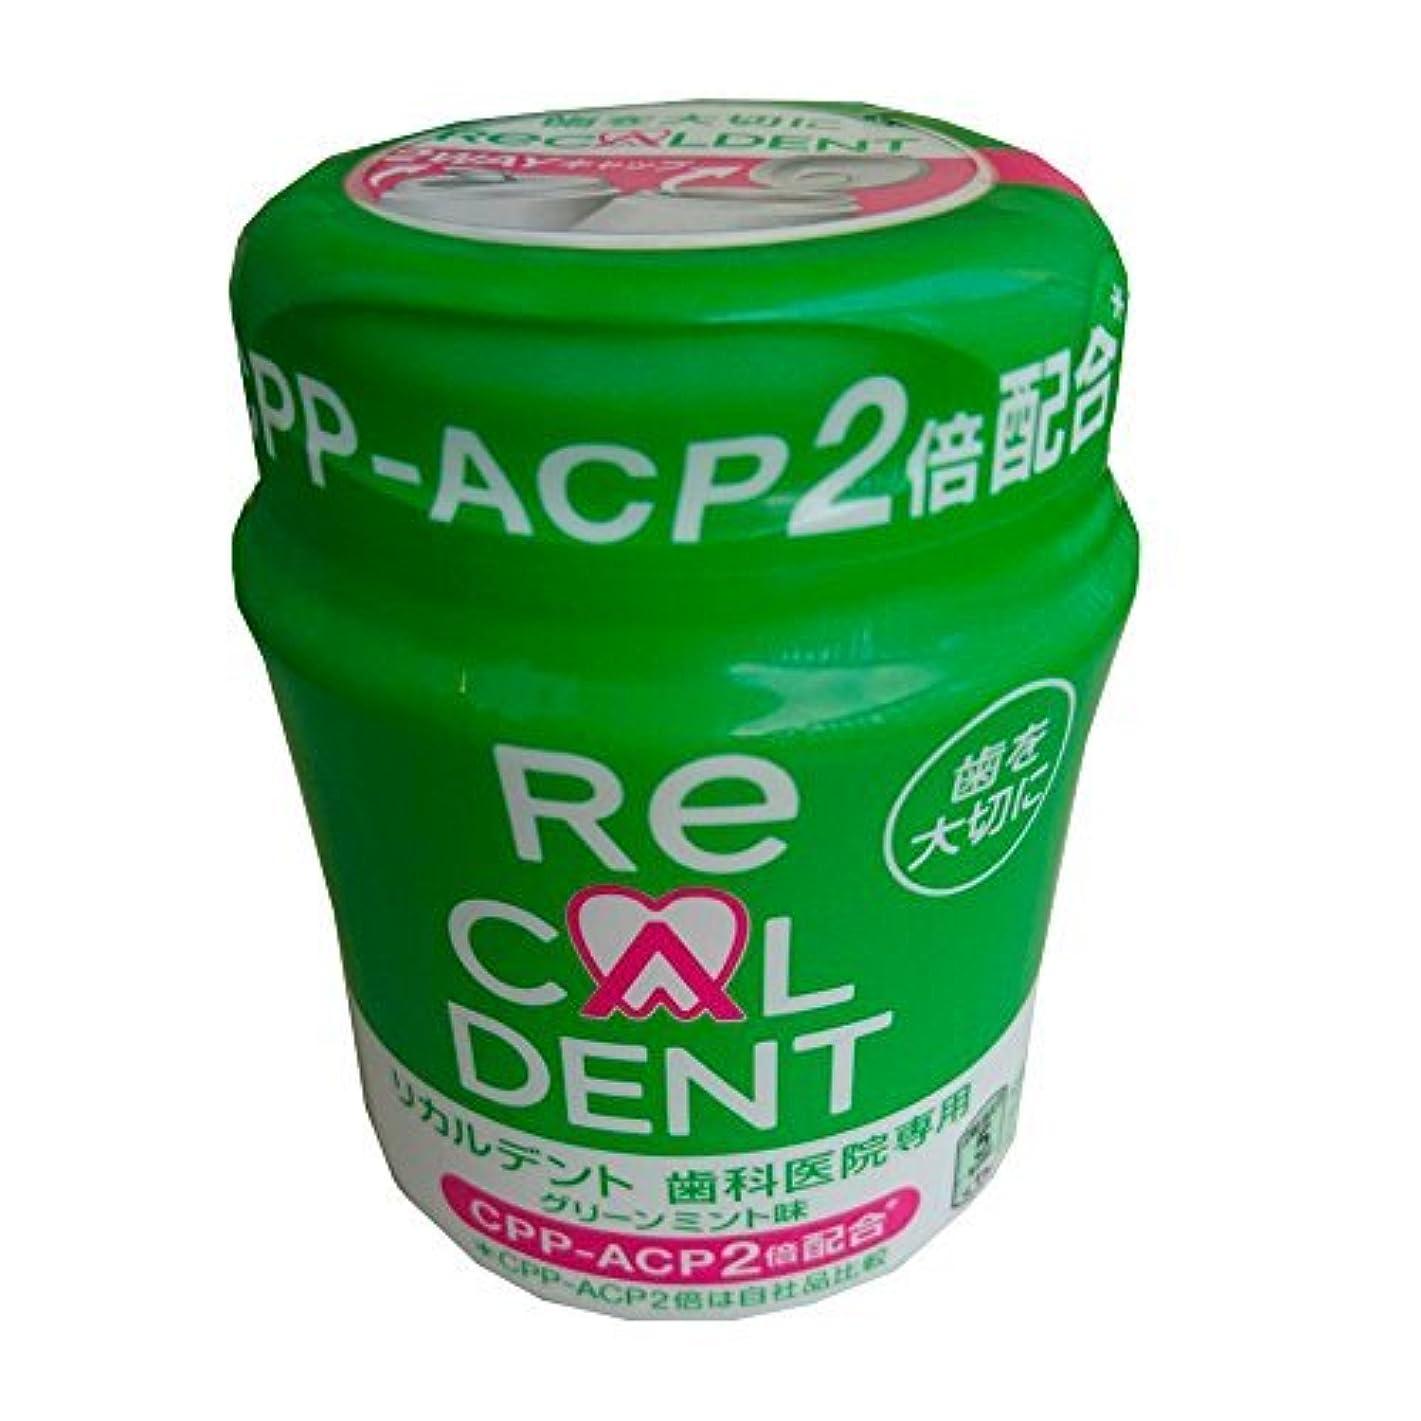 レッドデートおもしろいシャイ歯科医院専用 リカルデントガム グリーンミント味 140gボトル 1個